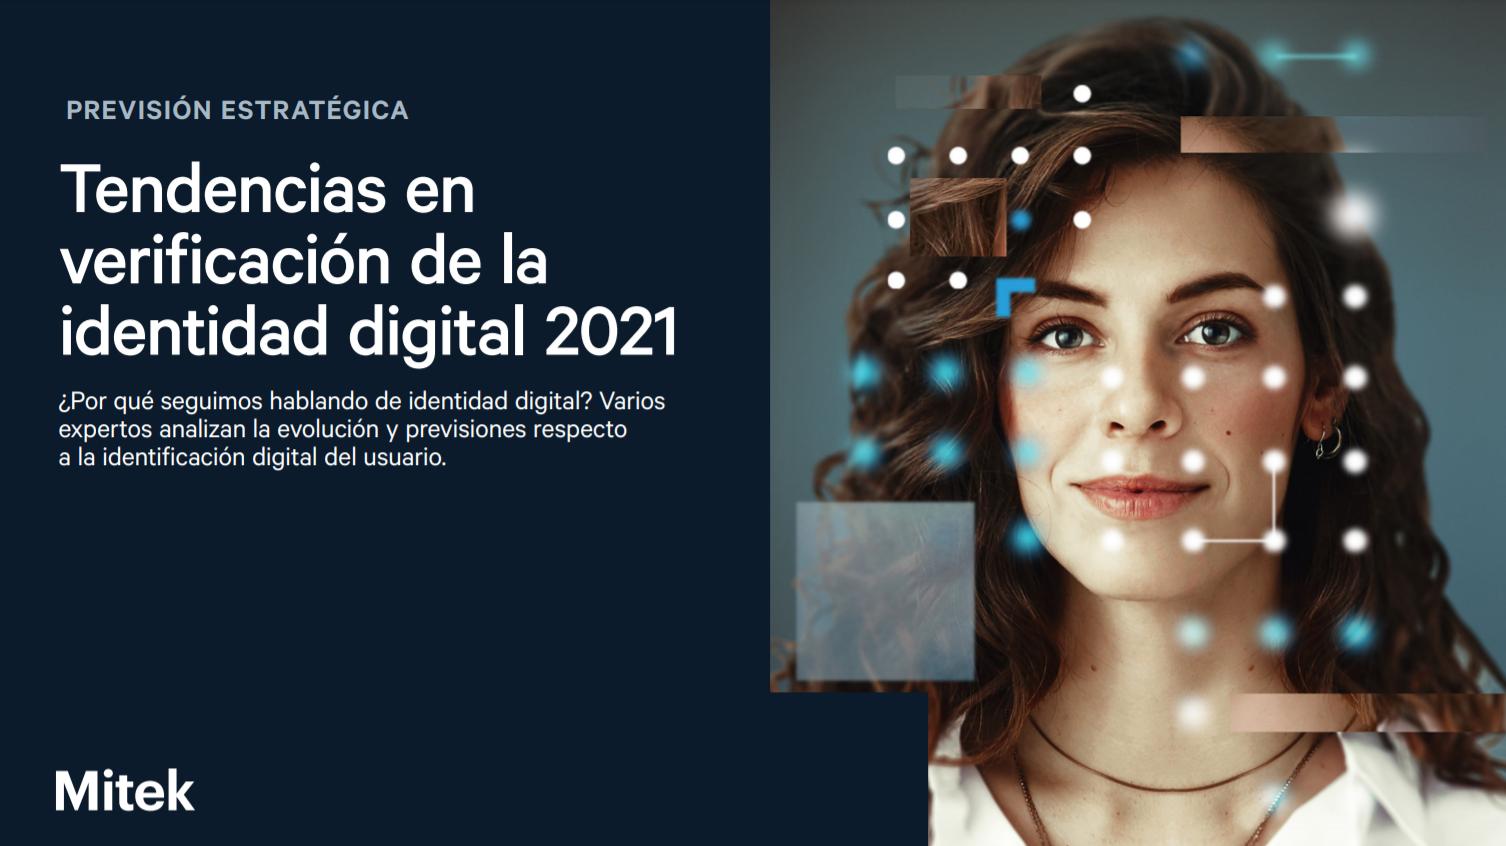 Tendencias en verificación de la identidad digital 2021